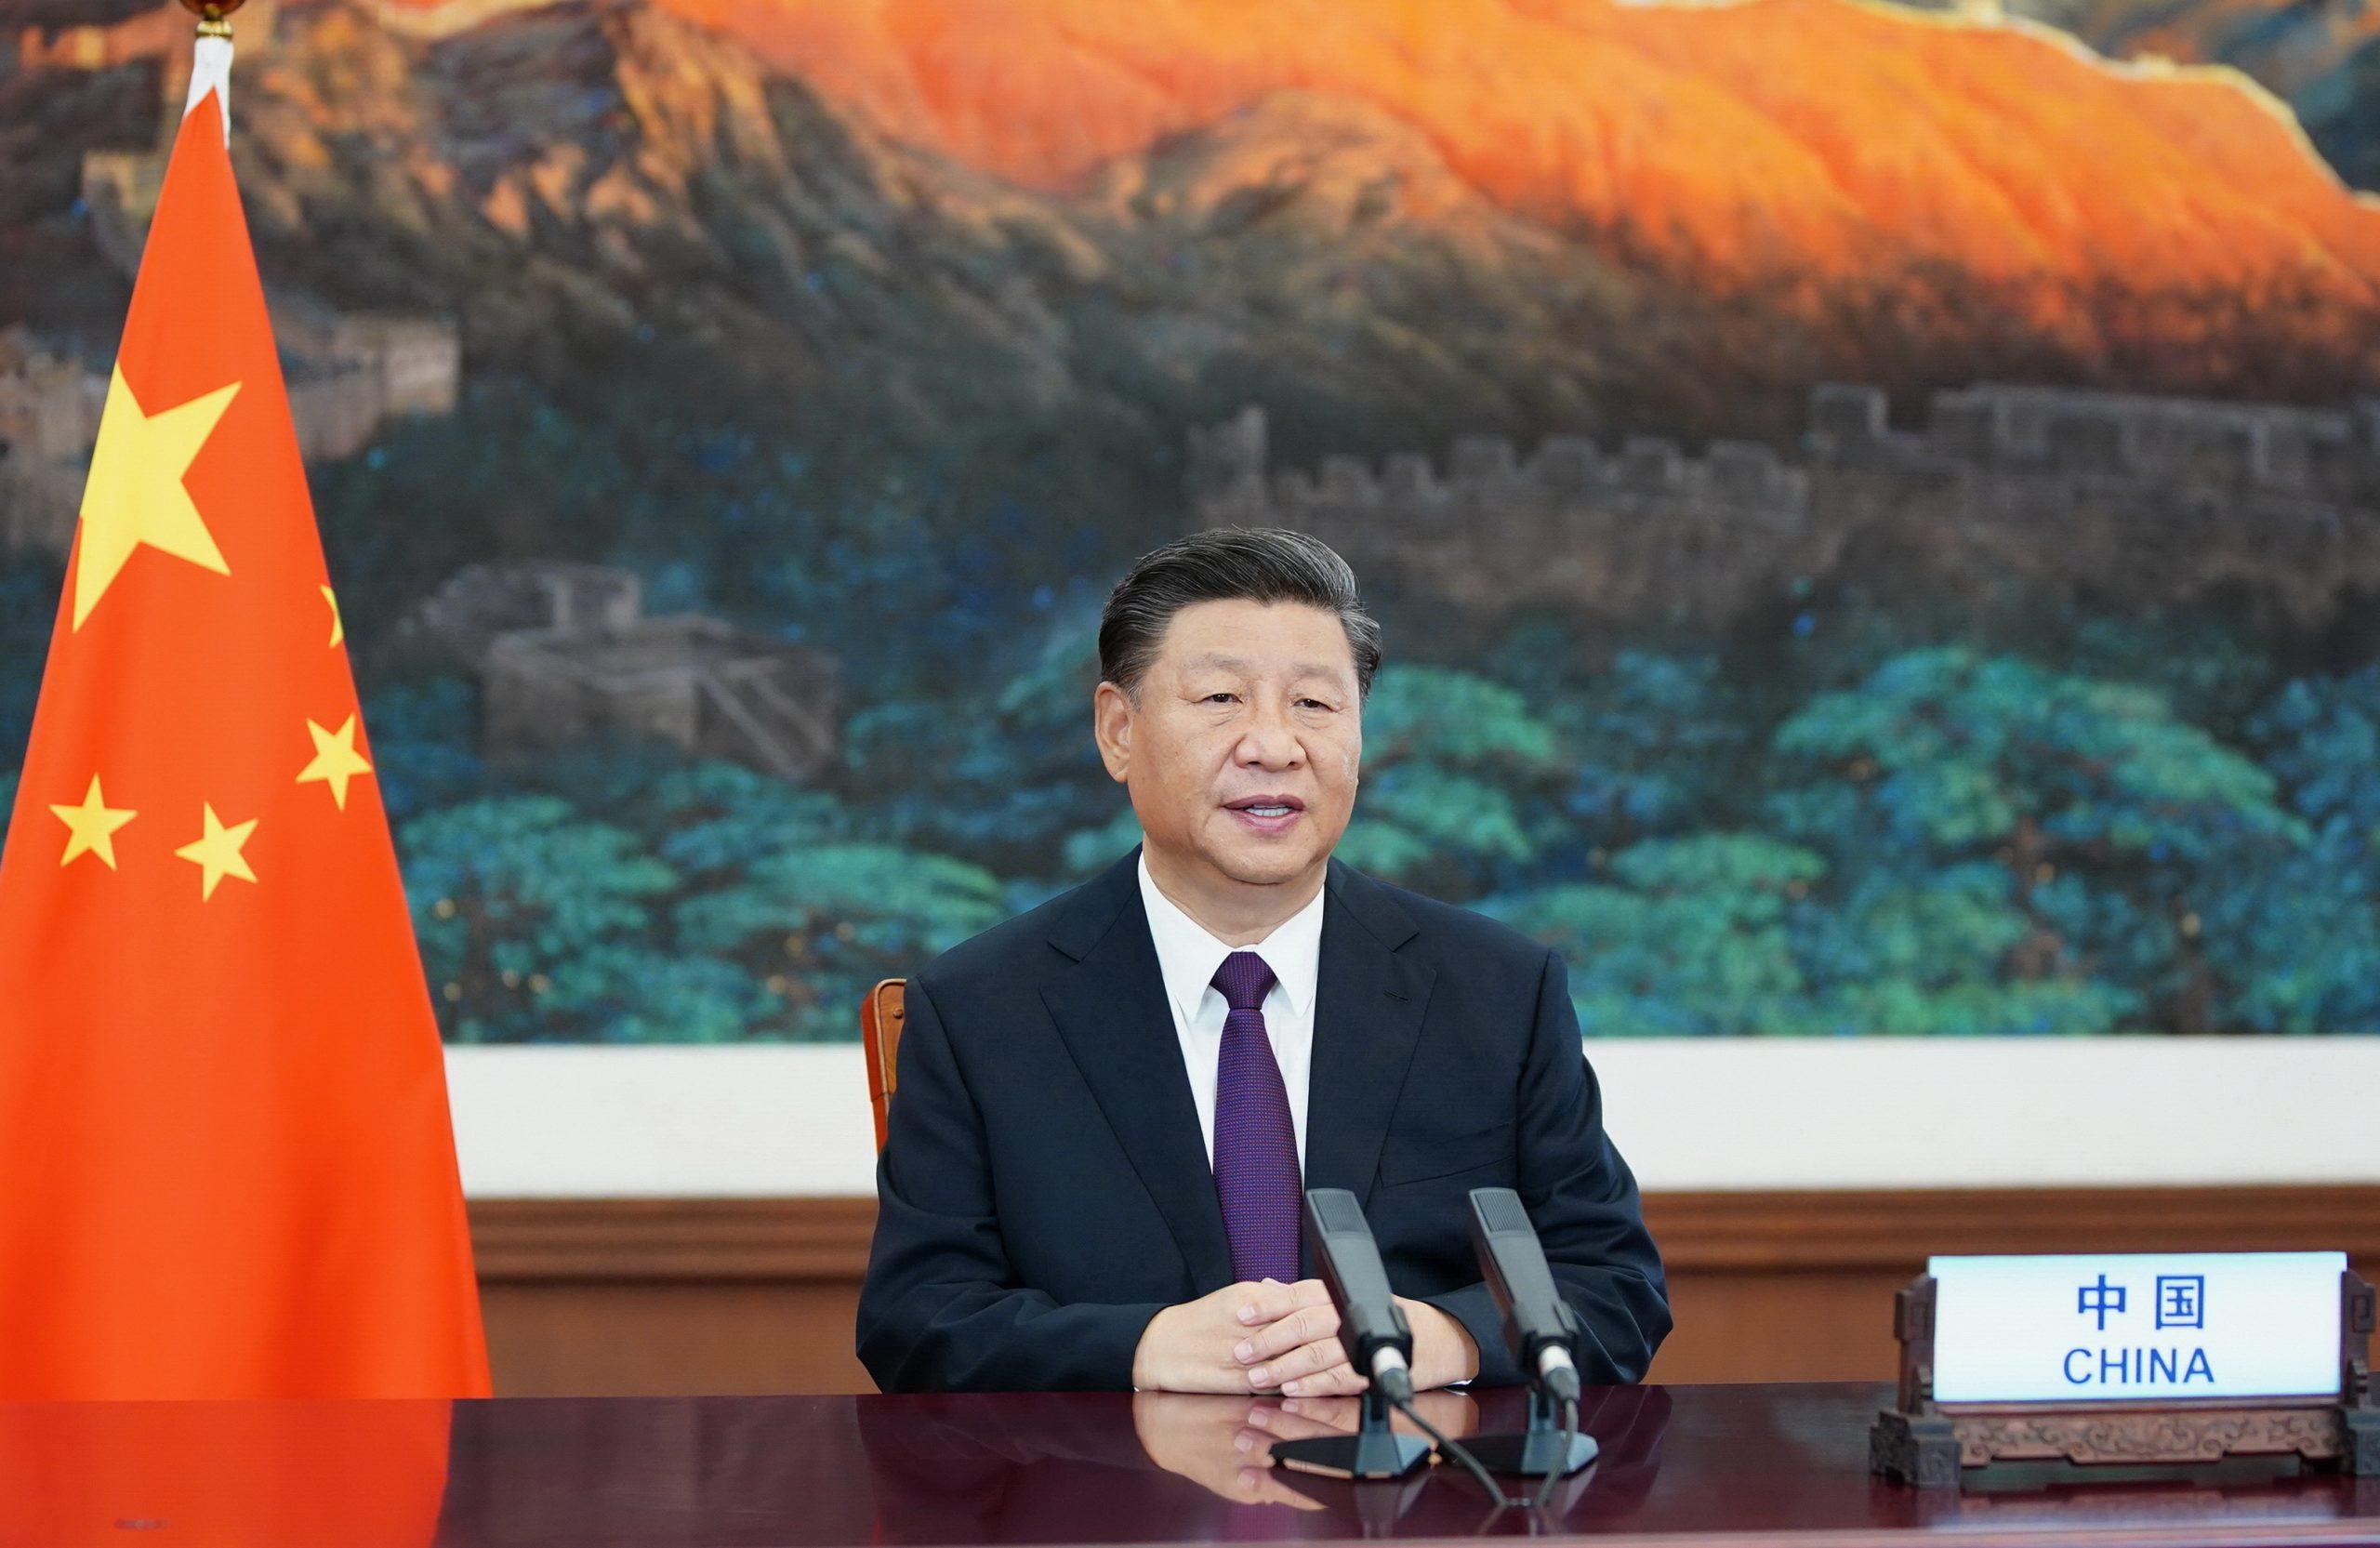 Xi felicita a Biden por haber sido elegido presidente de EEUU